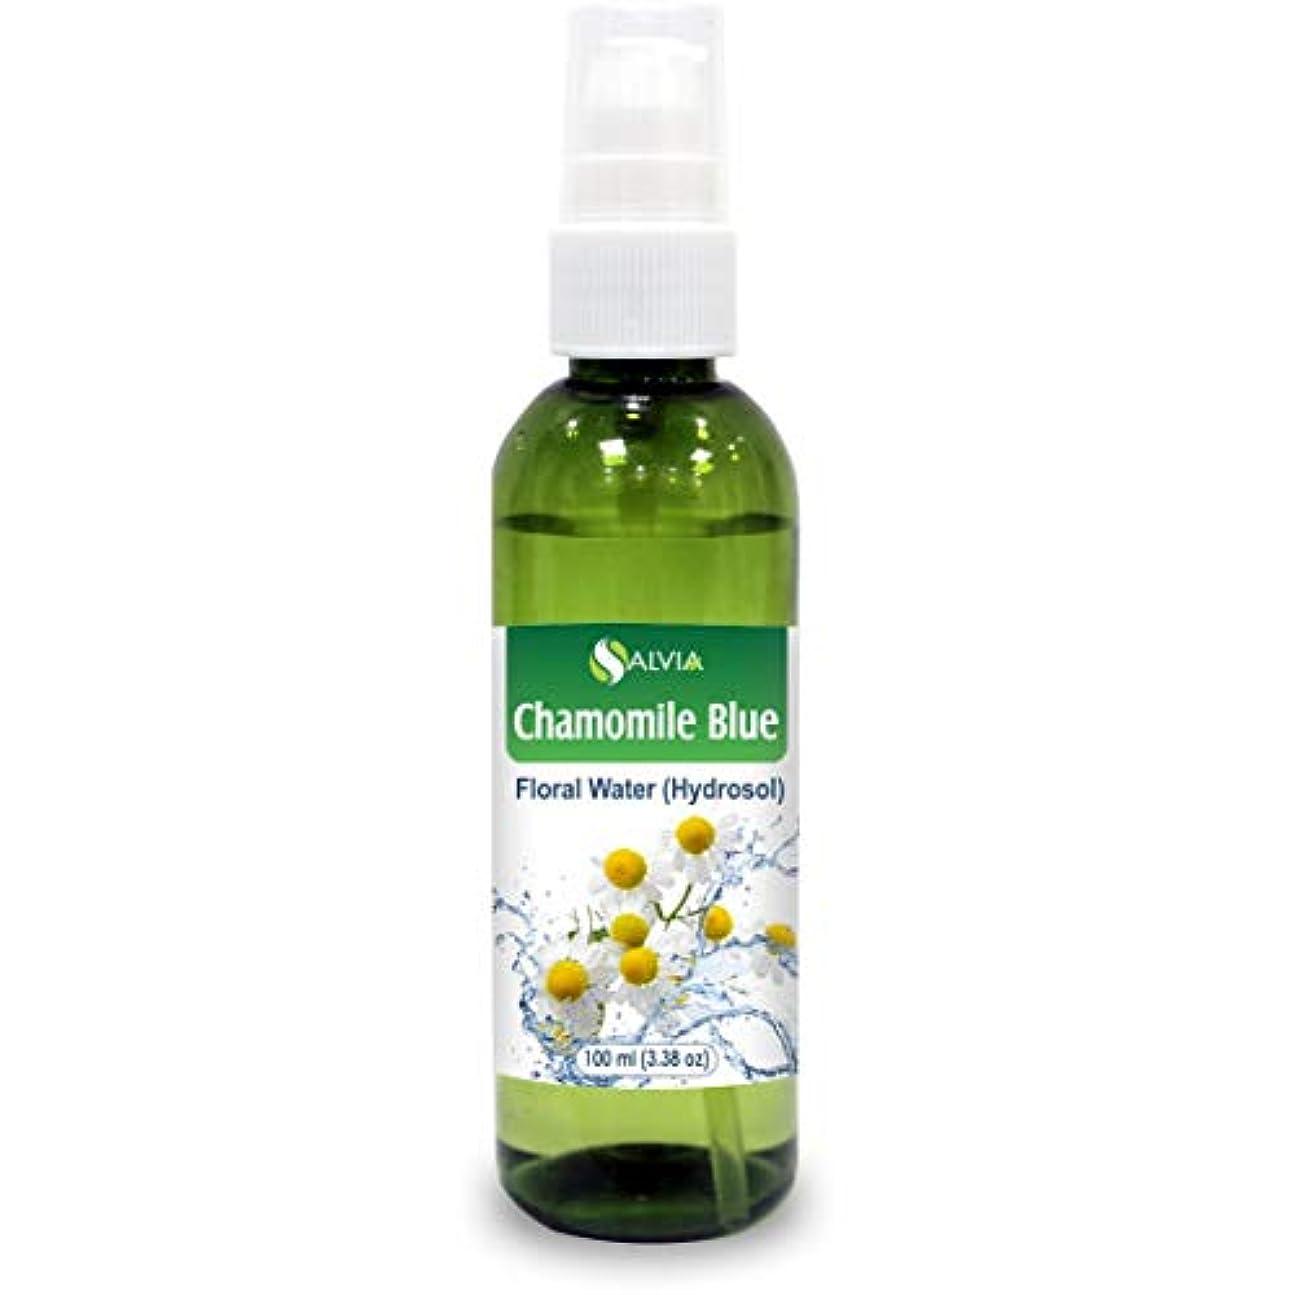 クライアント付録まもなくChamomile Oil, Blue Floral Water 100ml (Hydrosol) 100% Pure And Natural